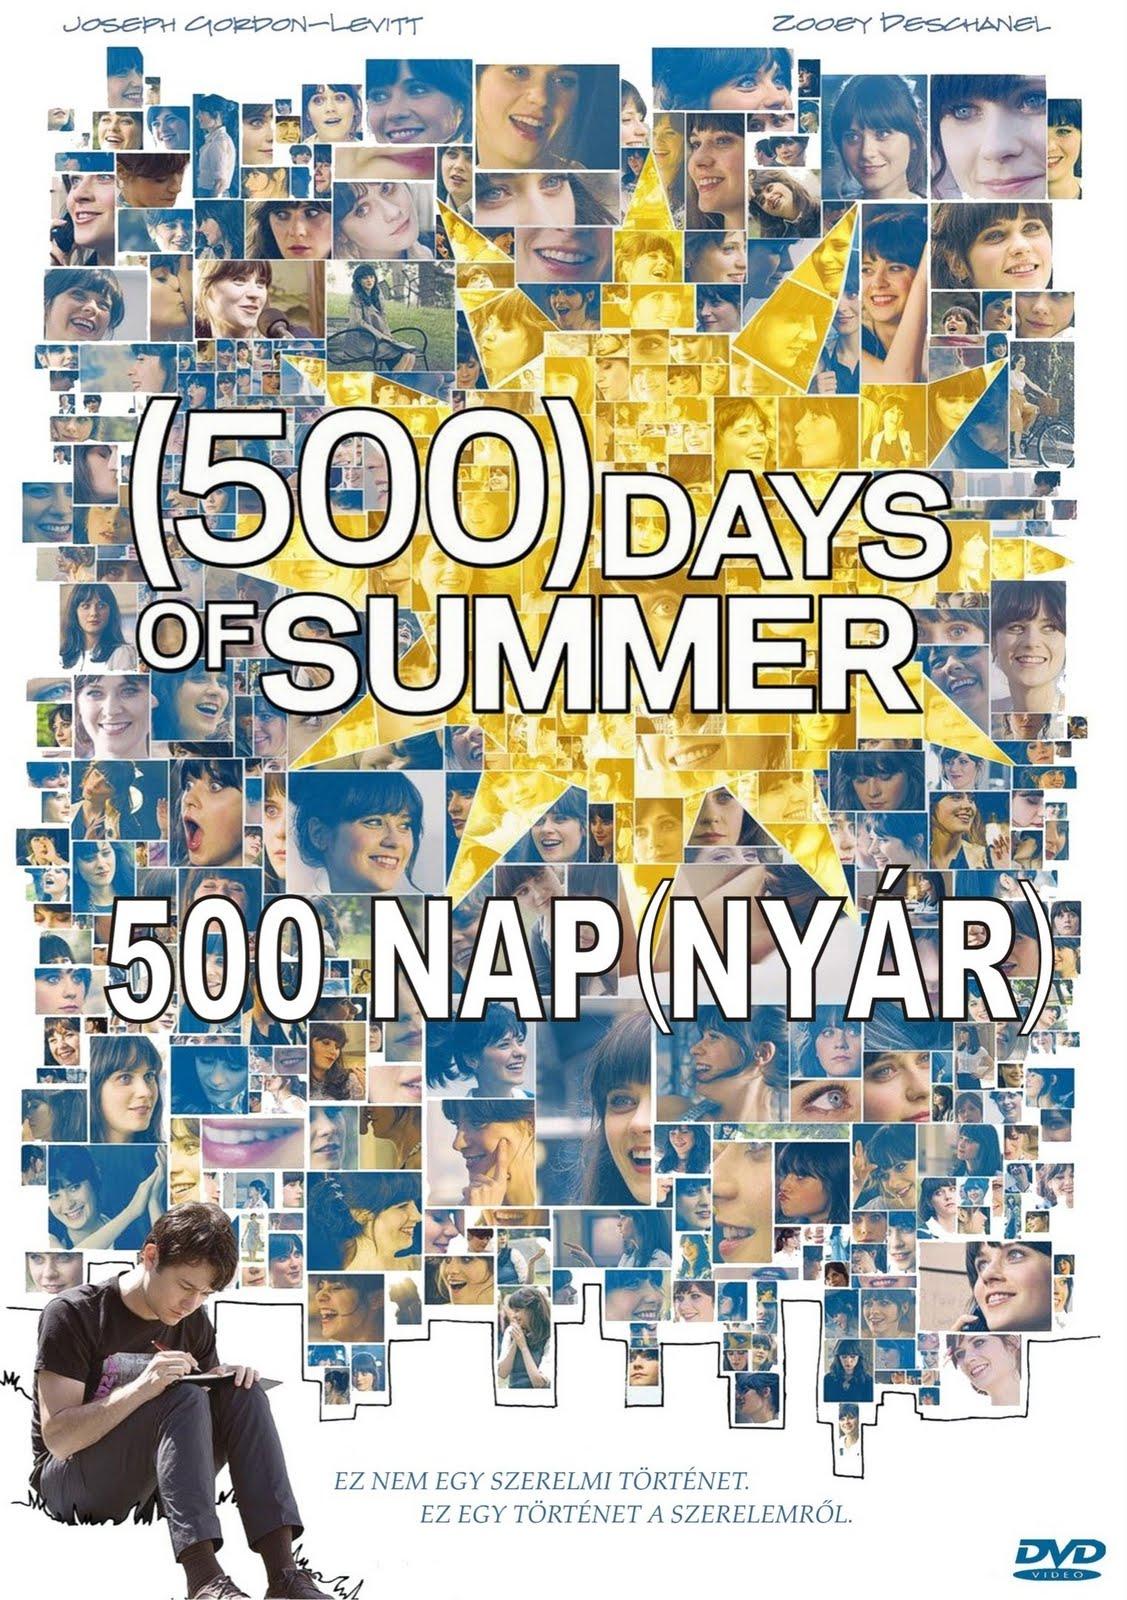 http://2.bp.blogspot.com/__xKbtBSUMps/TIjBNVIatZI/AAAAAAAAAYk/Cmx64ZPVtTs/s1600/500+nap+nyar.jpg